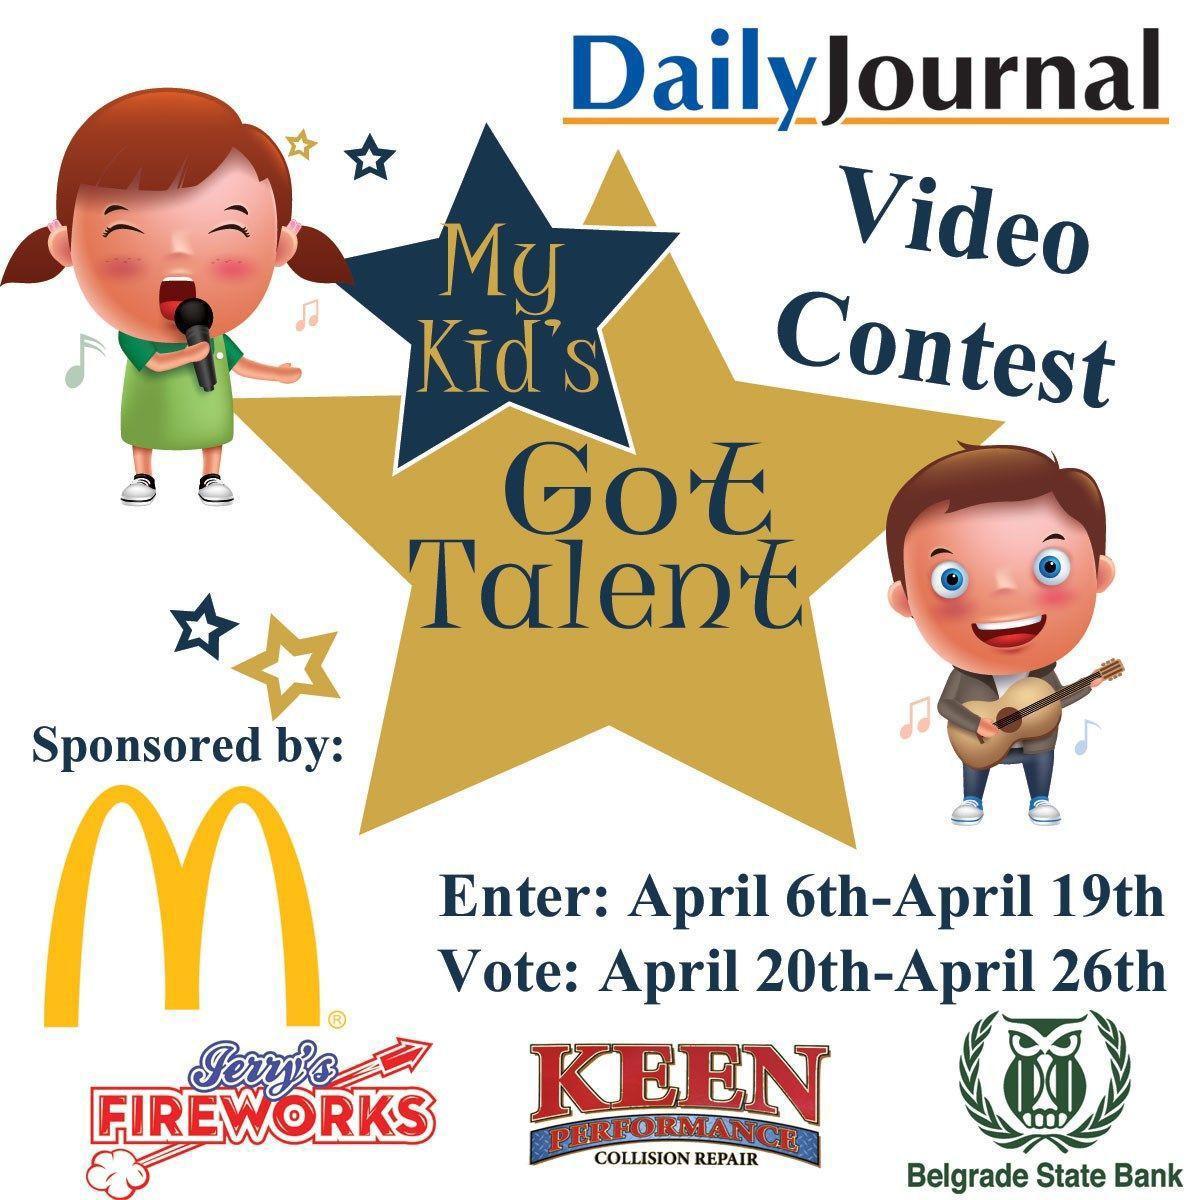 My Kid's Got Talent